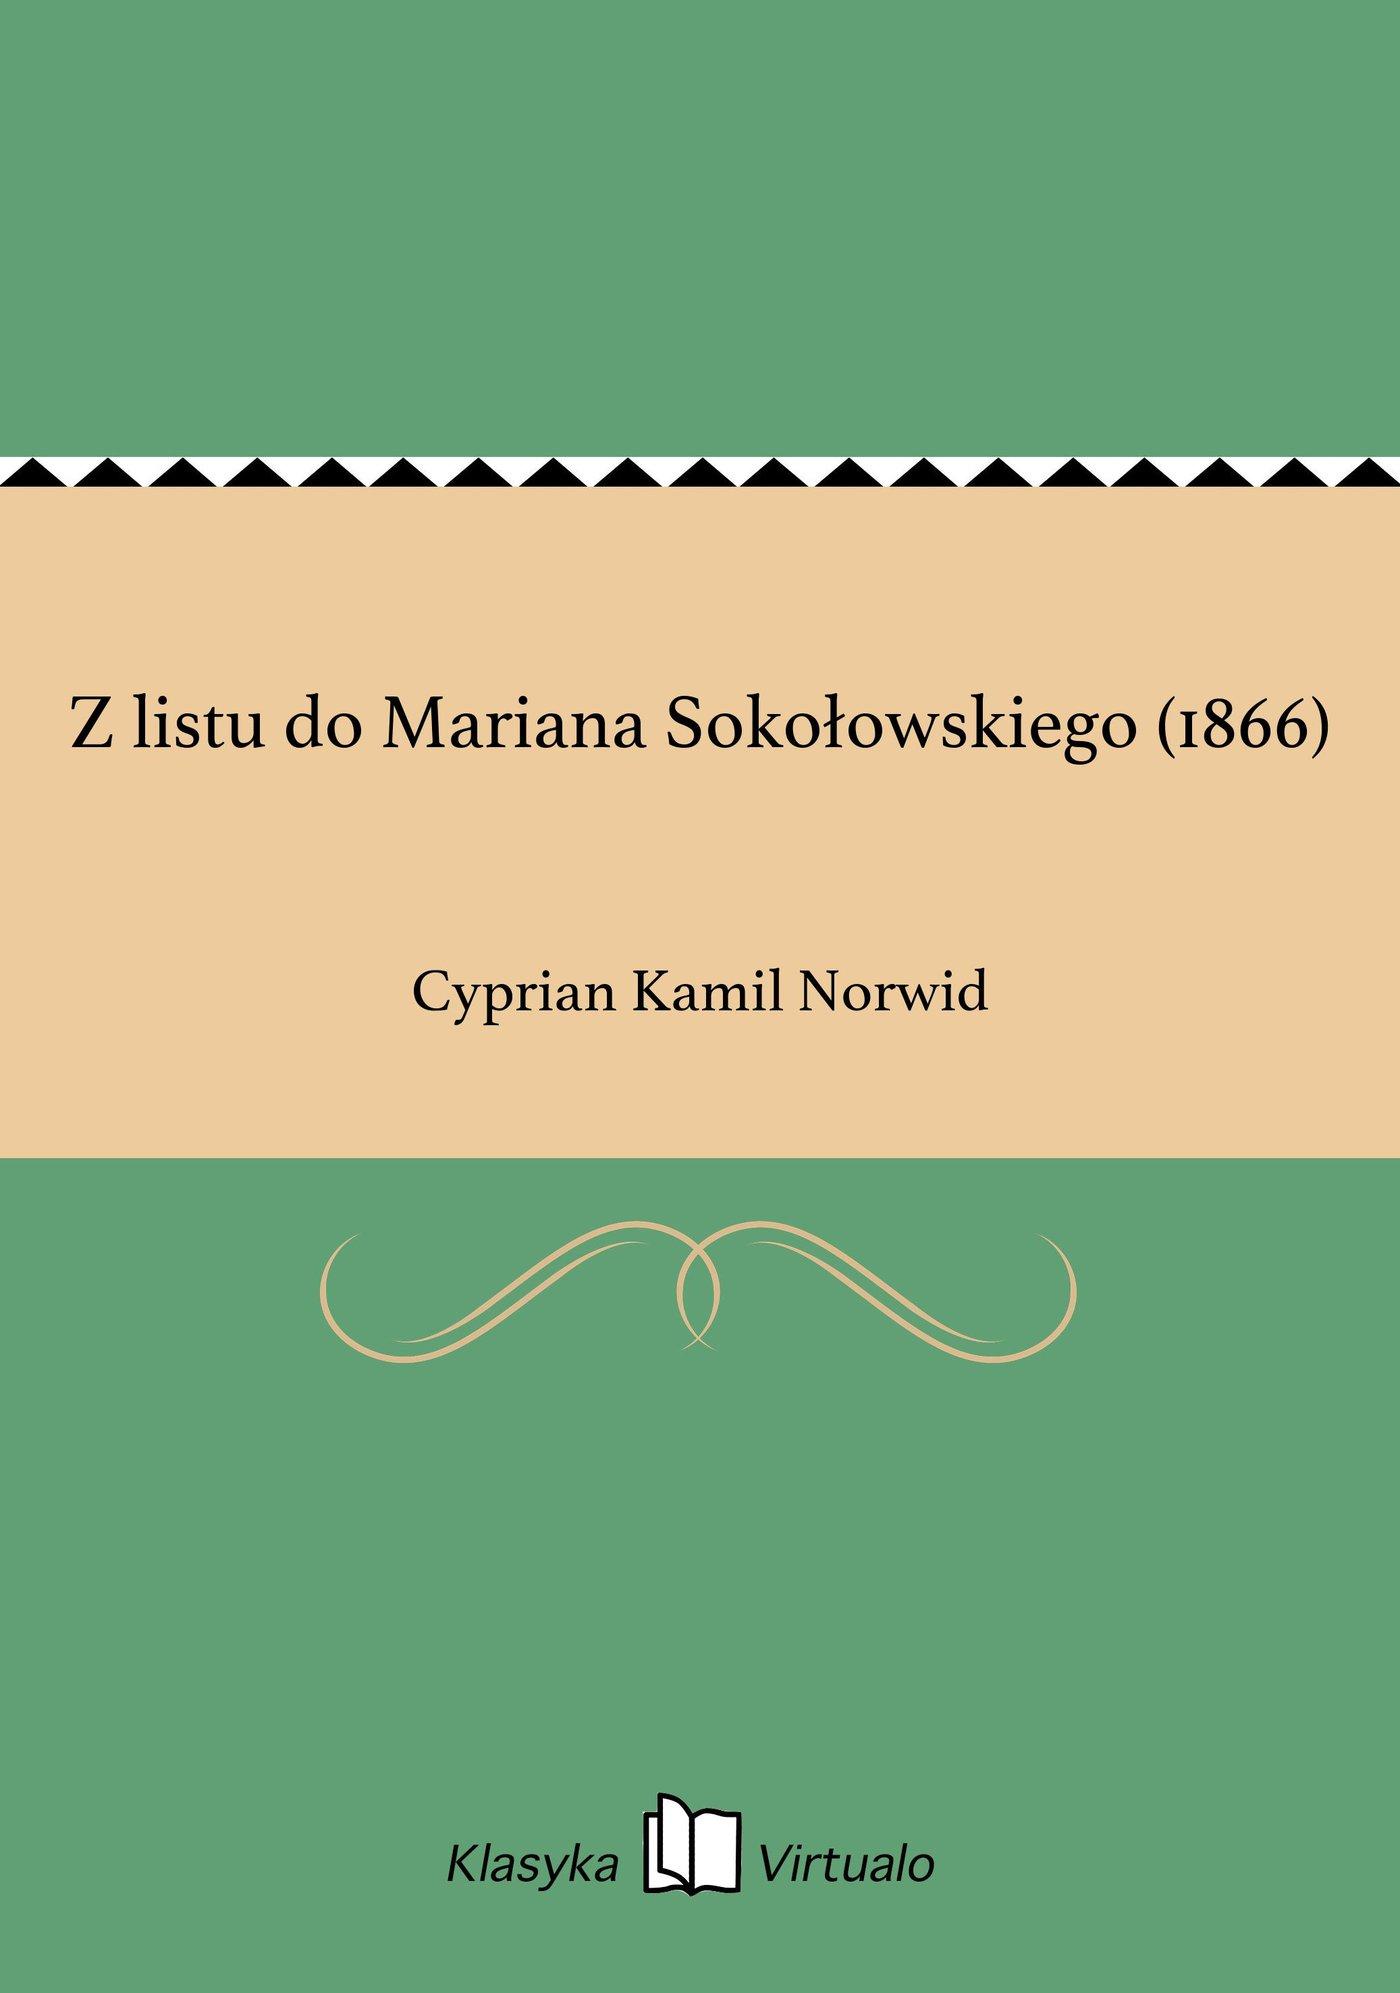 Z listu do Mariana Sokołowskiego (1866) - Ebook (Książka EPUB) do pobrania w formacie EPUB